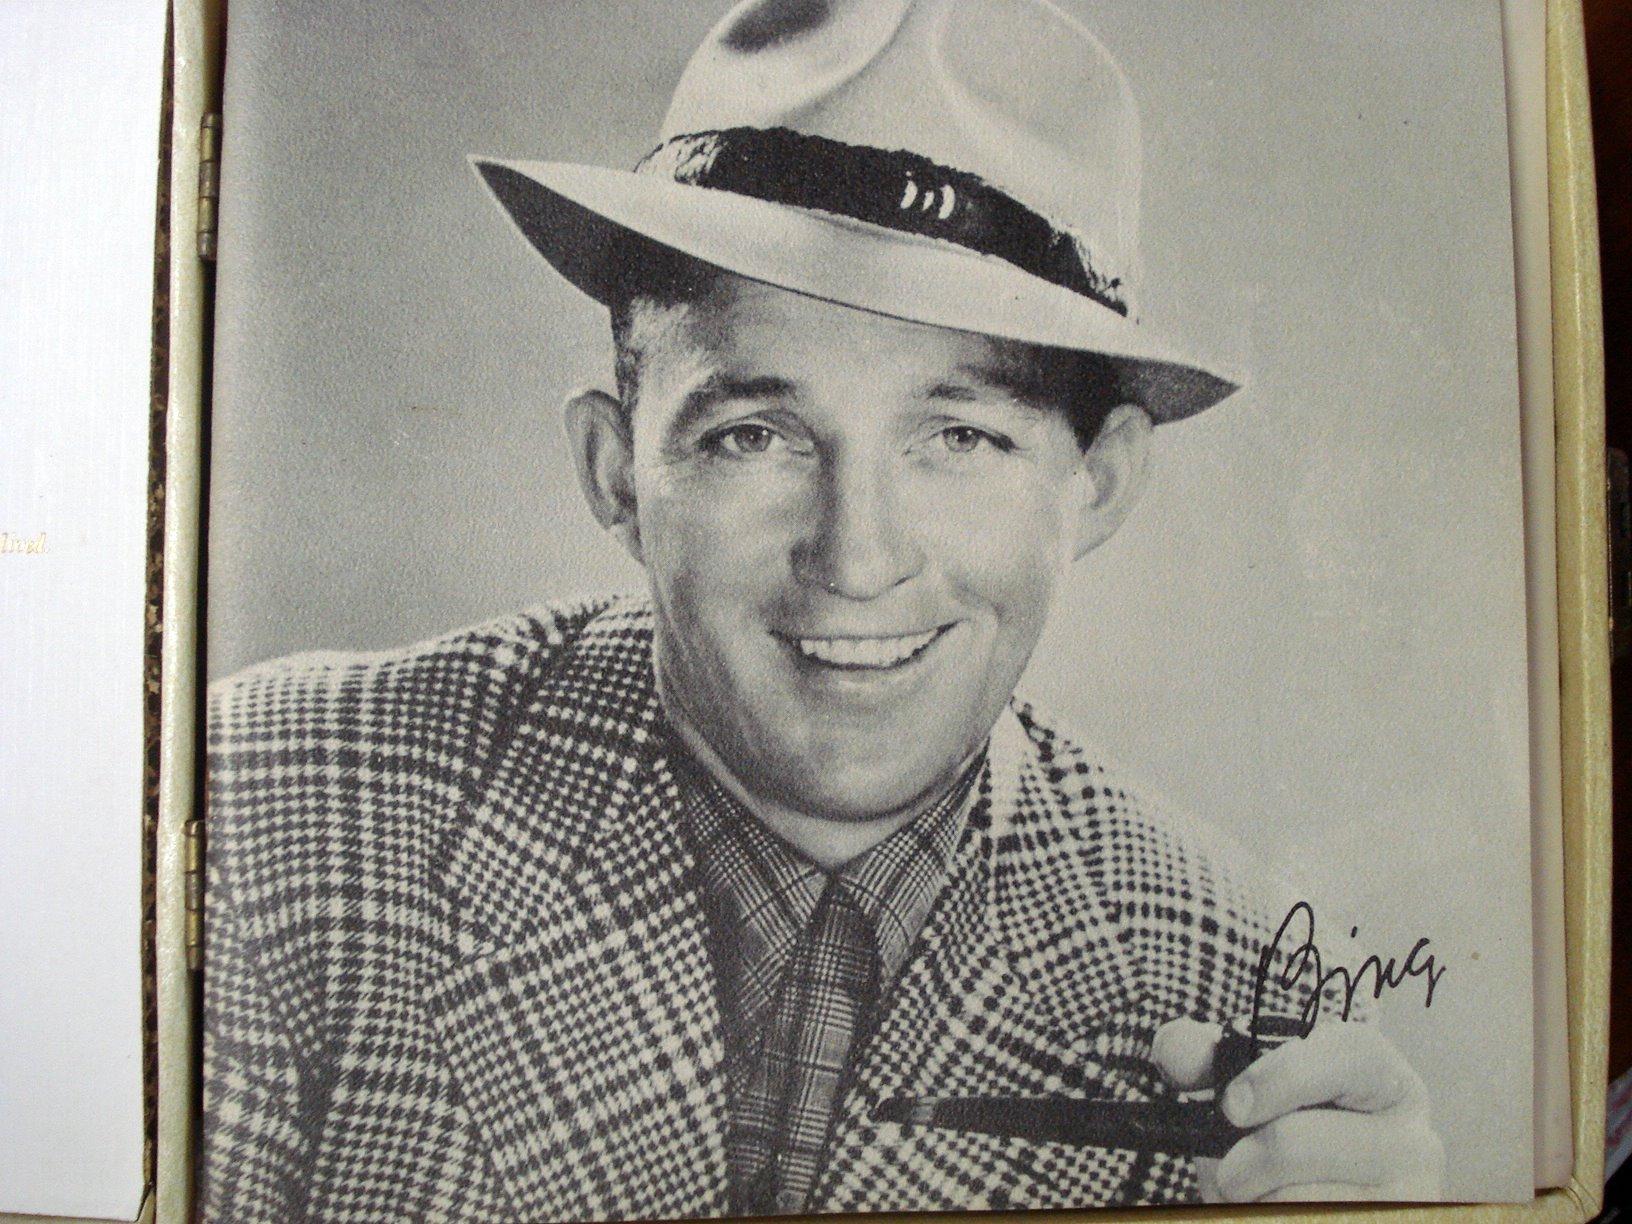 Bing Crosby Special Boxed Set Of 45 Records Azio Media